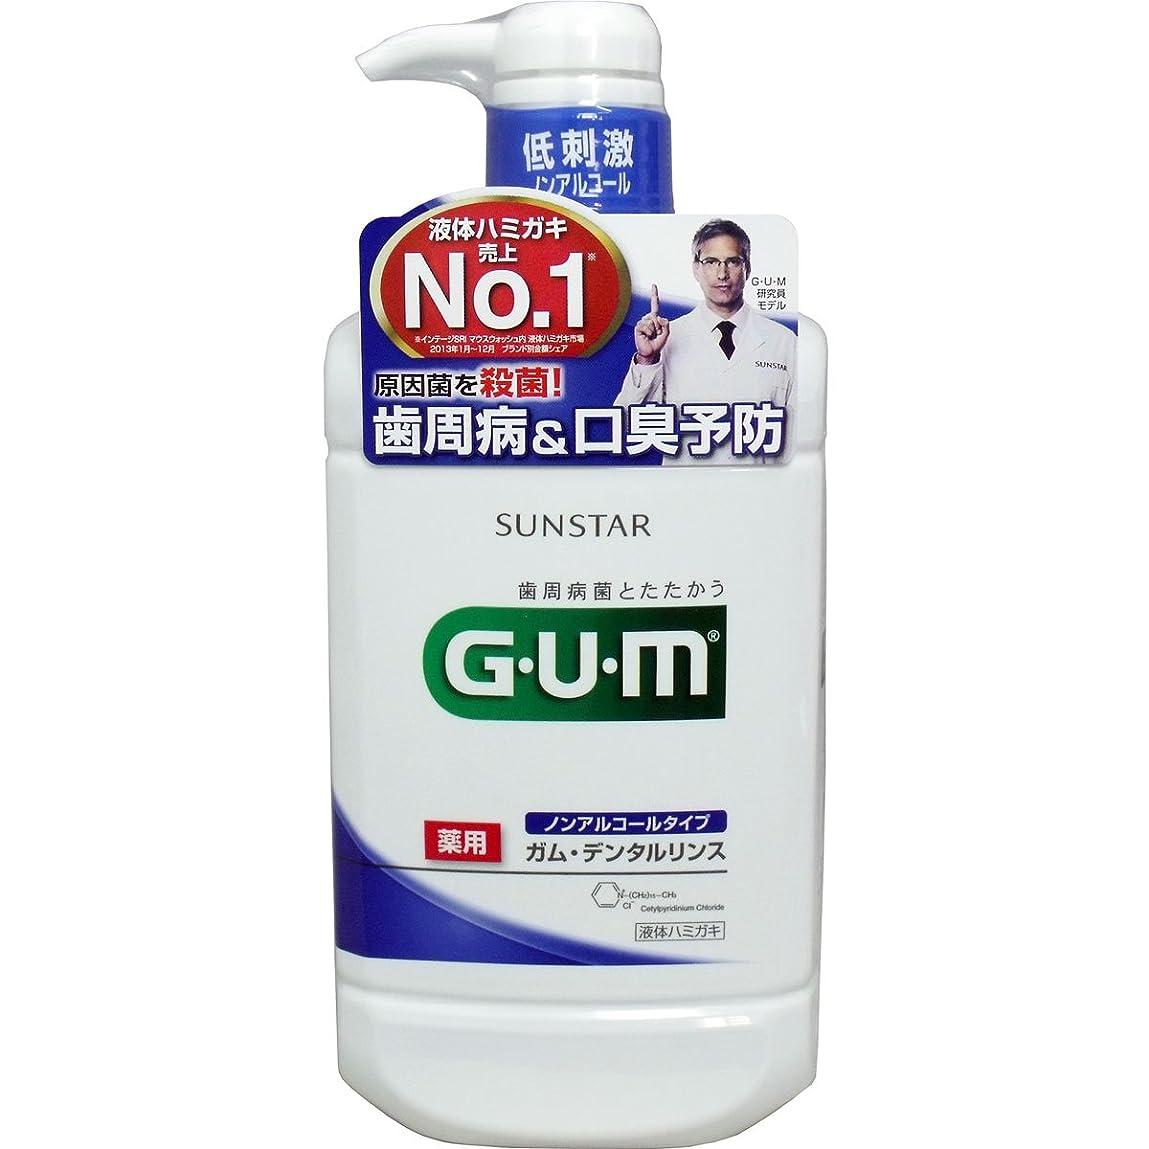 固めるショップ肌【まとめ買い】GUM(ガム)?デンタルリンス (ノンアルコールタイプ) 960mL (医薬部外品)×5個